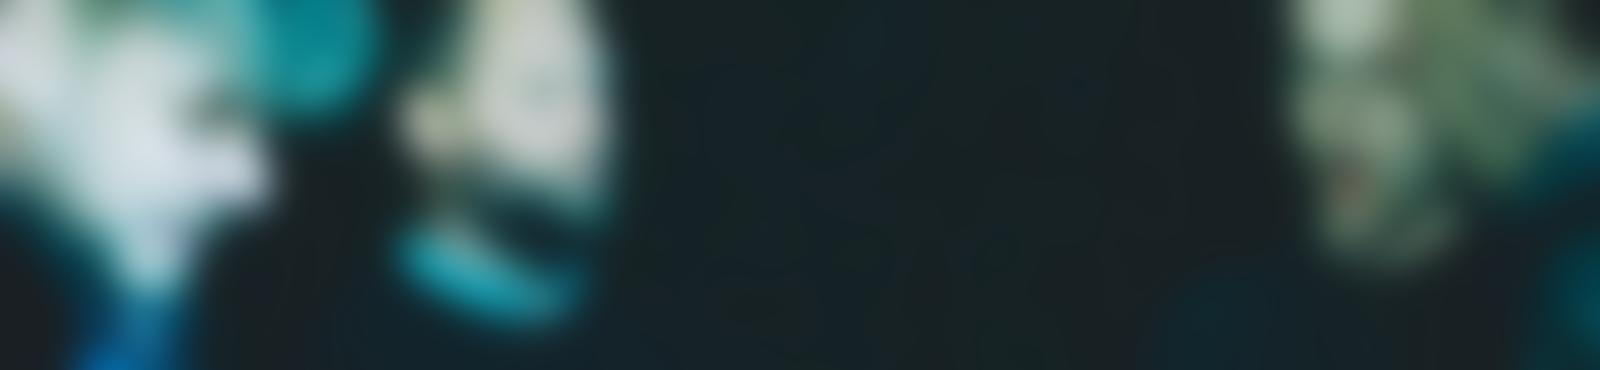 Blurred 878c385c 4dc4 4f87 9eb9 38d78f9bcb9c